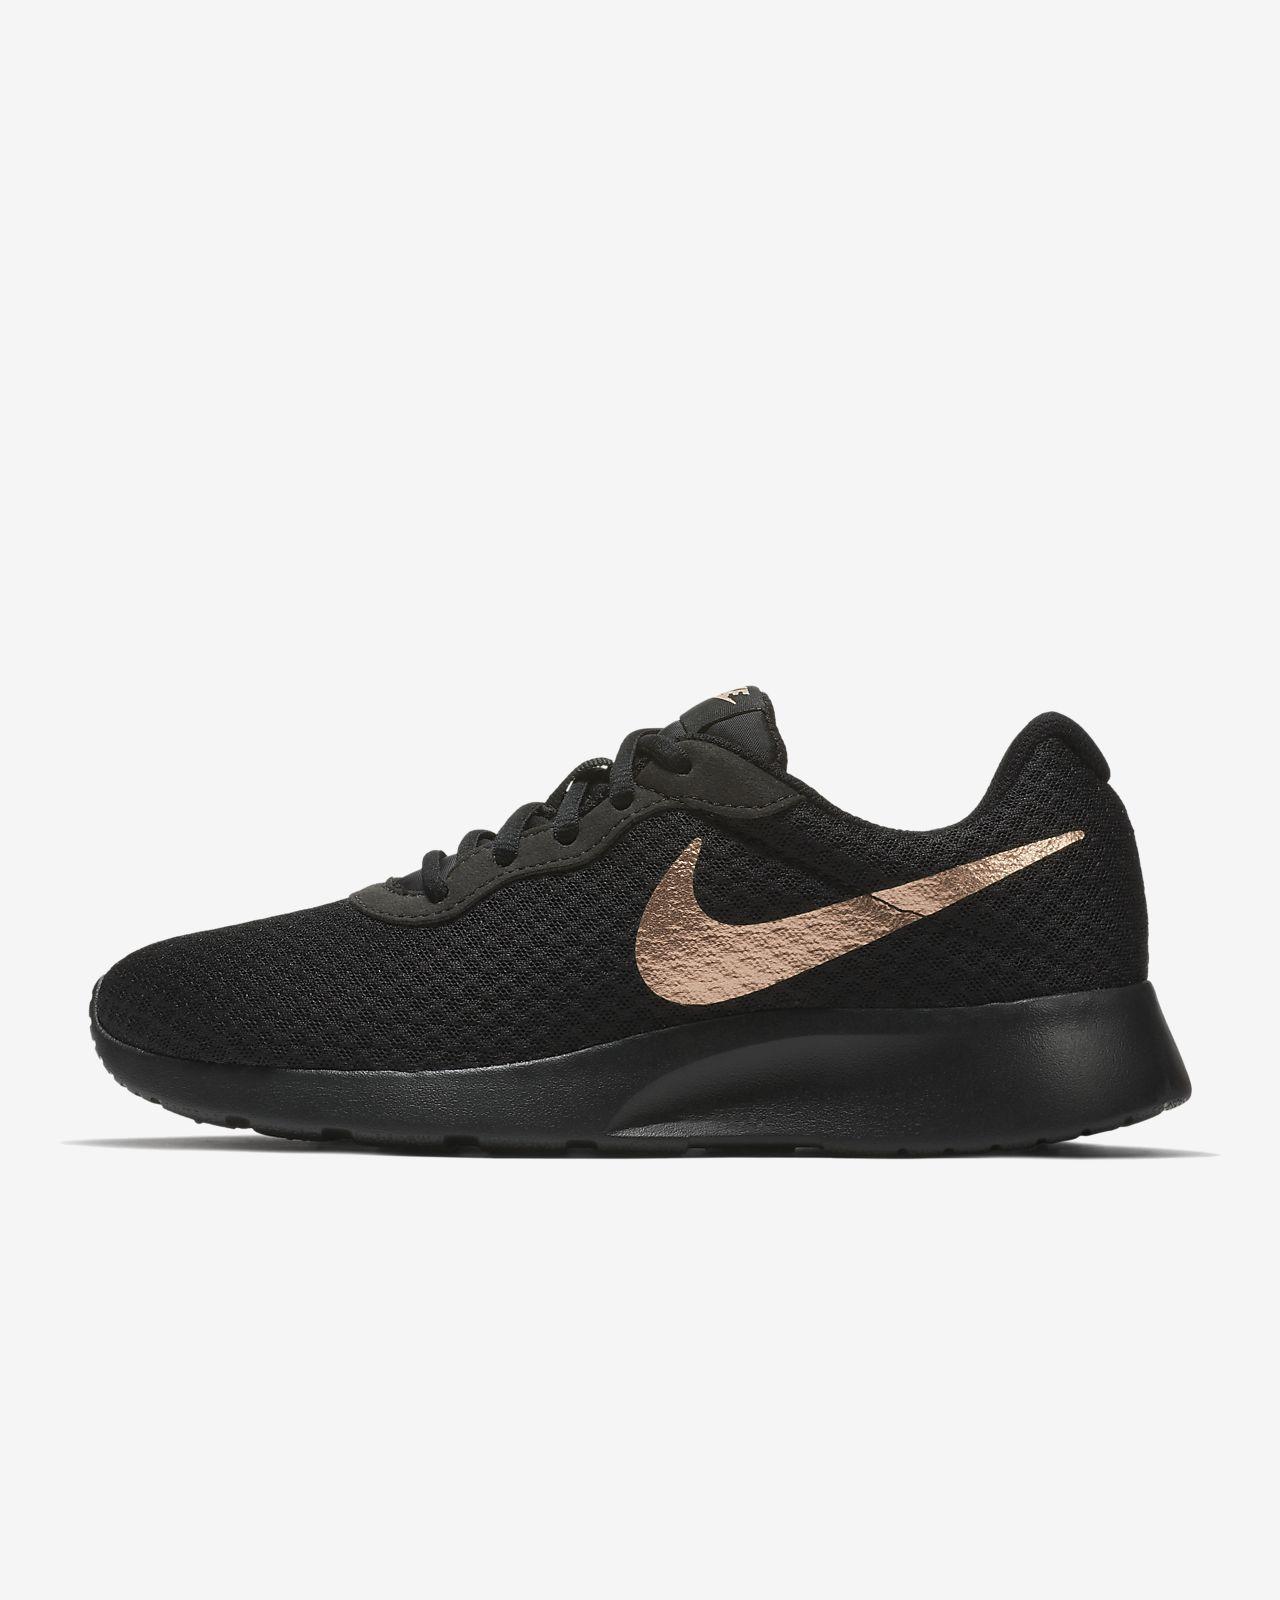 Zniżka Buty Nike Free Tr Fit 5 Wyprzedaż | Be Your Best